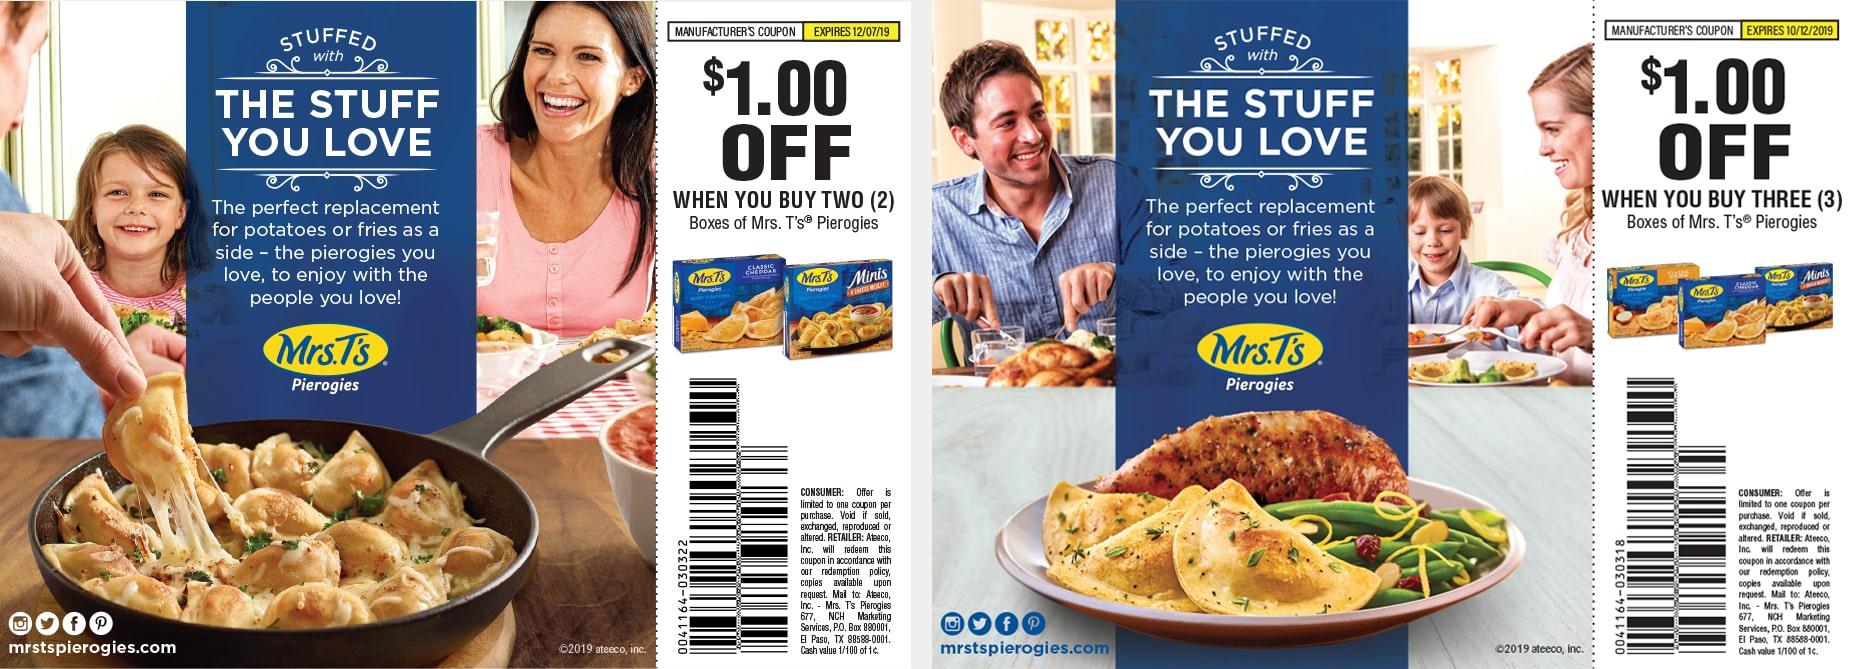 FSI coupons